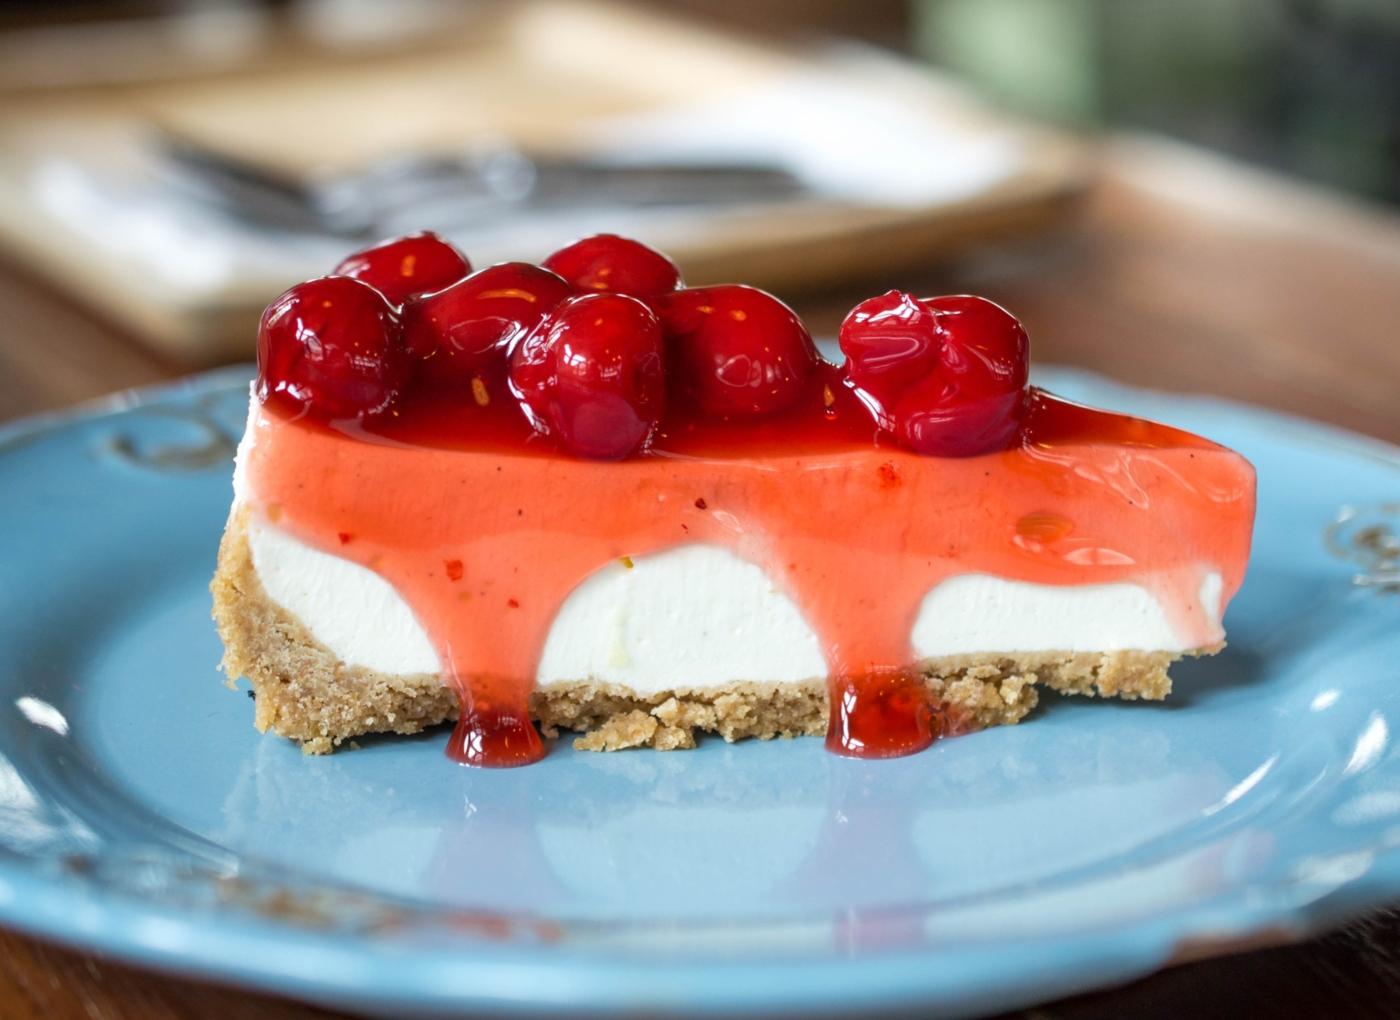 Cheesecake de cereja feito na bimby